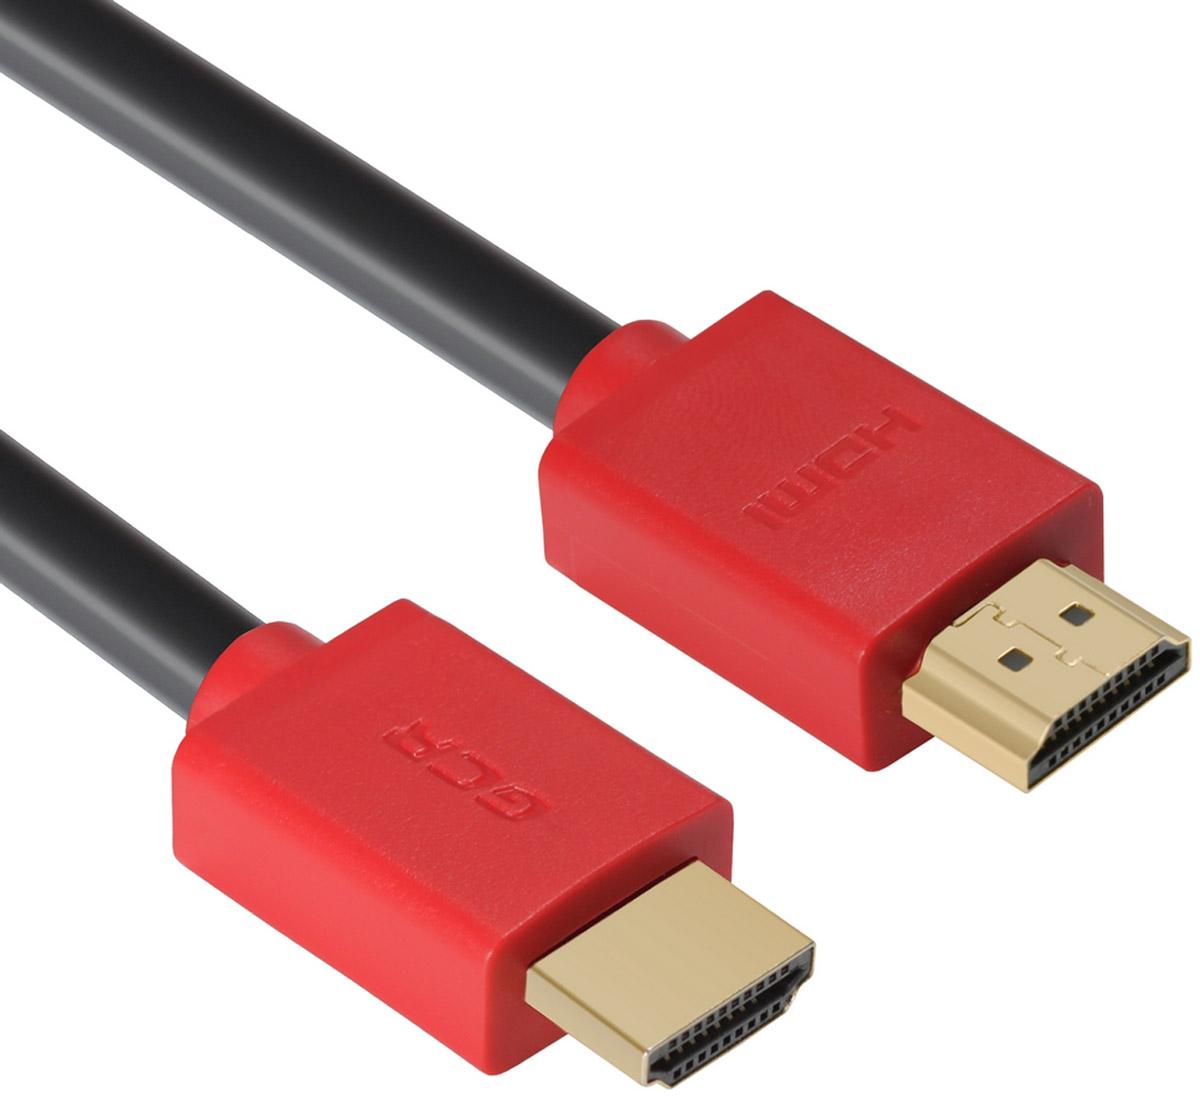 Greenconnect Russia GCR-HM451, Black Red кабель HDMI v 2.0 (0,5 м)GCR-HM451-0.5mКабель HDMI v 2.0 Greenconnect Russia GCR-HM451 - отличное решение для подключения компьютера, игровых консолей, DVD и Blu-ray плееров, аудио-ресиверов к телевизору или дополнительному монитору. Кабель HDMI поддерживает как стандартные, так и высокие разрешения самых современных моделей телевизоров.Кабель оснащен двунаправленным каналом для передачи сетевых данных, который подходит для использования IP-приложениями. Канал Ethernet позволяет нескольким устройствам работать в сети Ethernet без необходимости подключения дополнительных проводов, а также напрямую обмениваться контентом. Наличие обратного канала аудио устраняет необходимость в отдельном проводе для передачи звука в ресивер с телевизора или другого устройства, которое является одновременно источником аудио и видео.